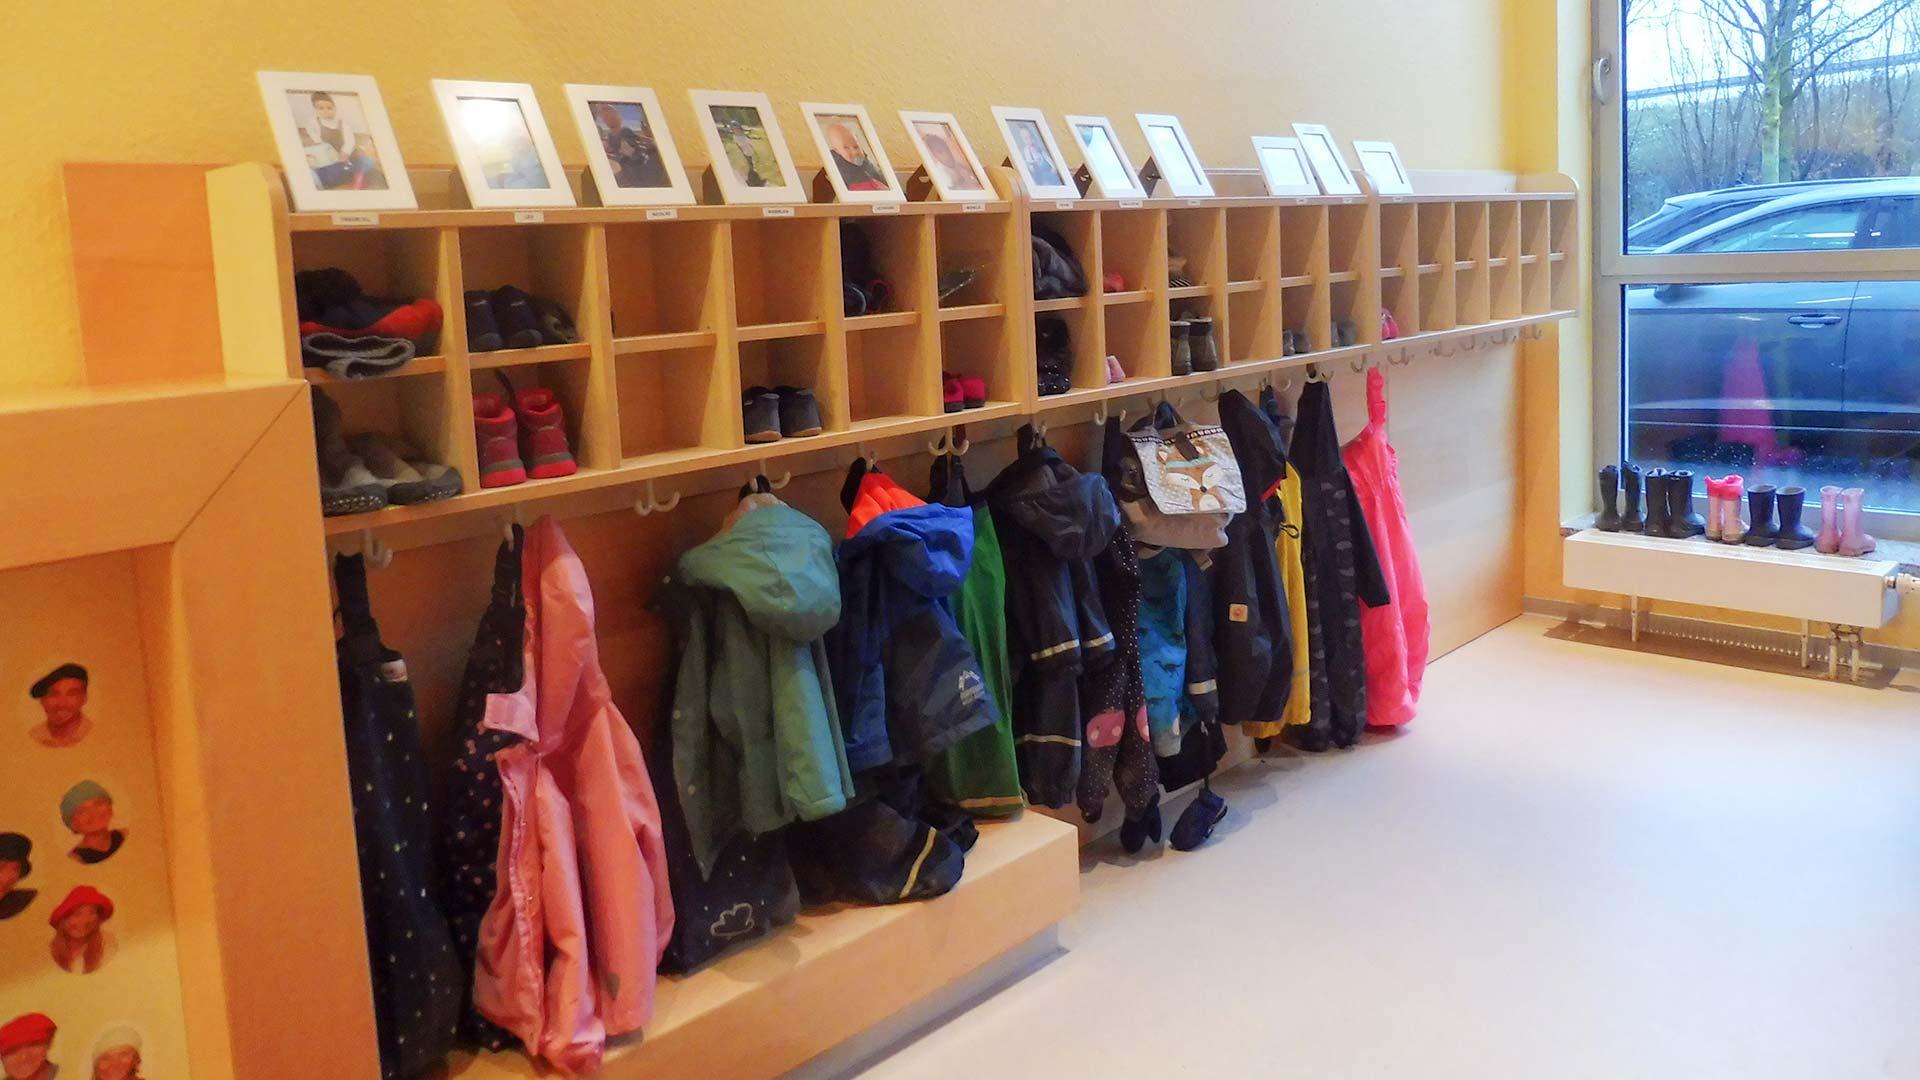 Garderobe der Kita an der die Jacken der Kinder hängen